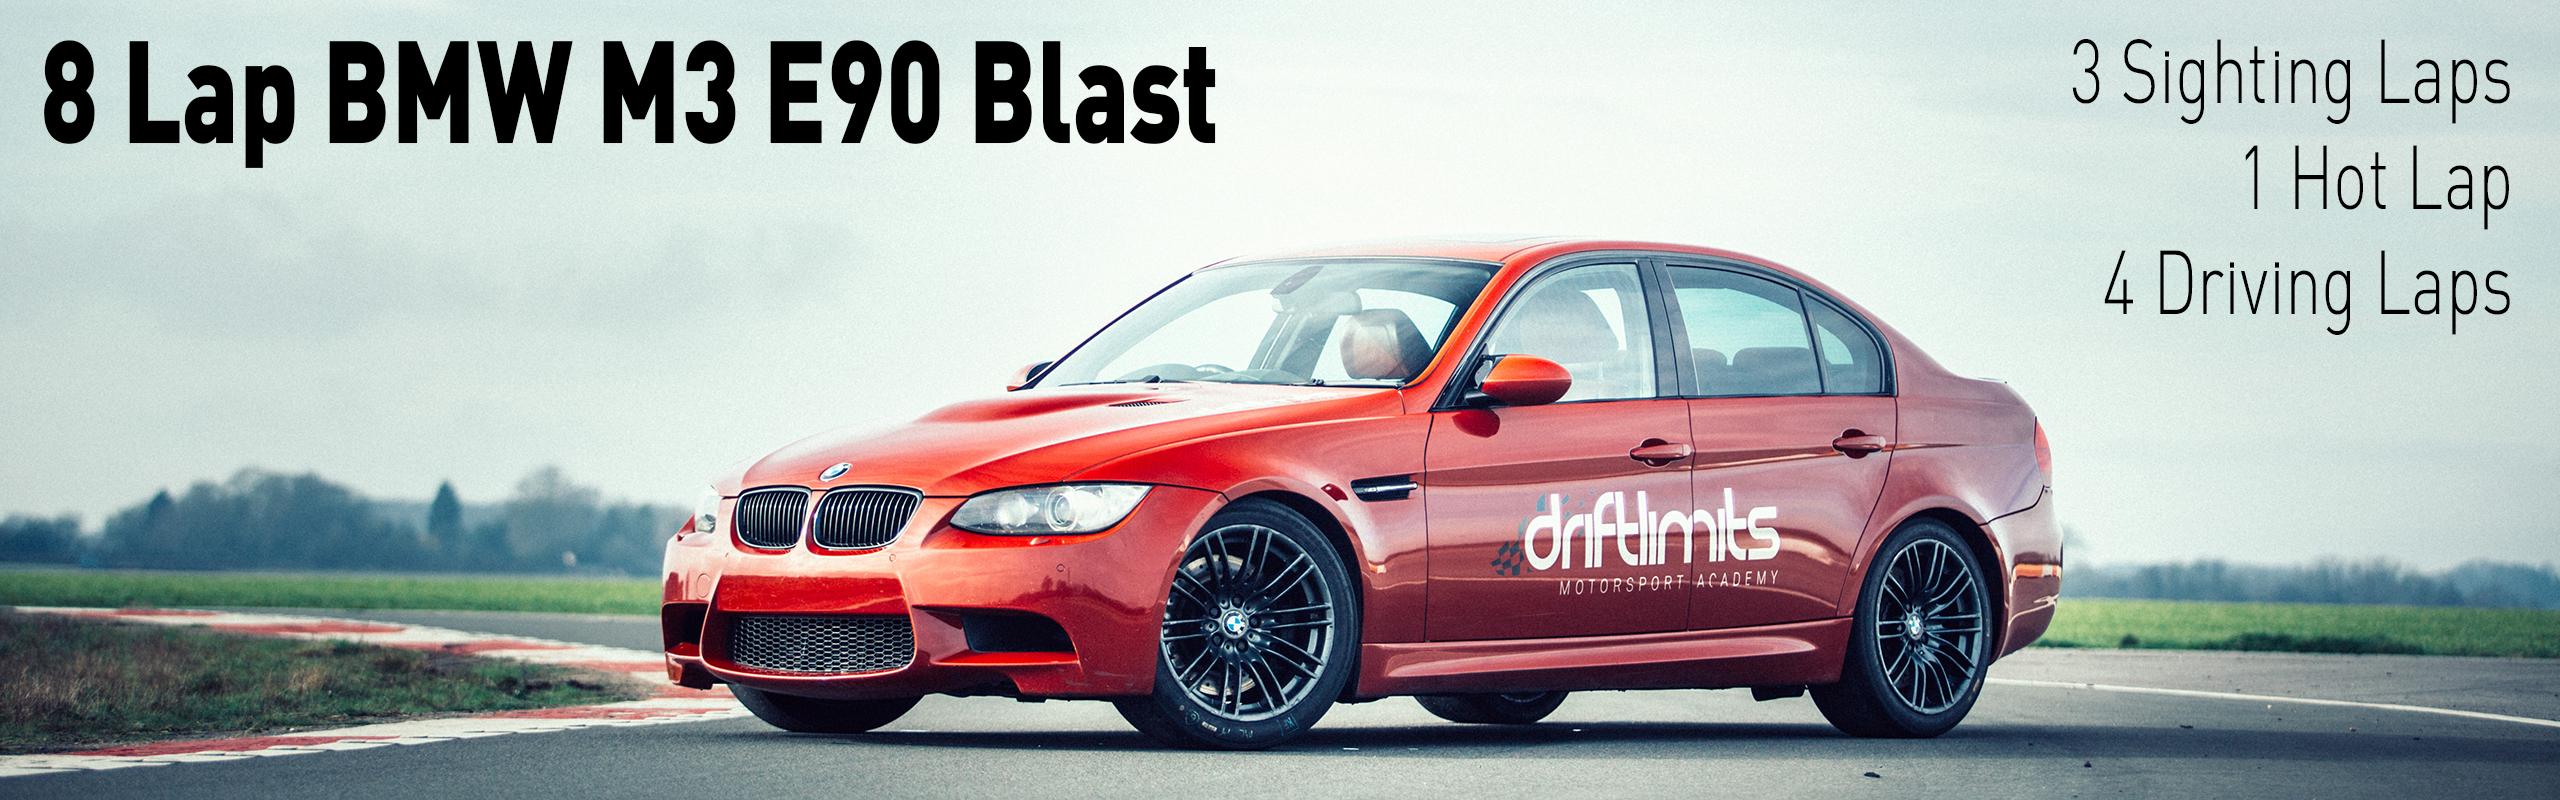 Bmw E90 M3 Blast Drift Limits